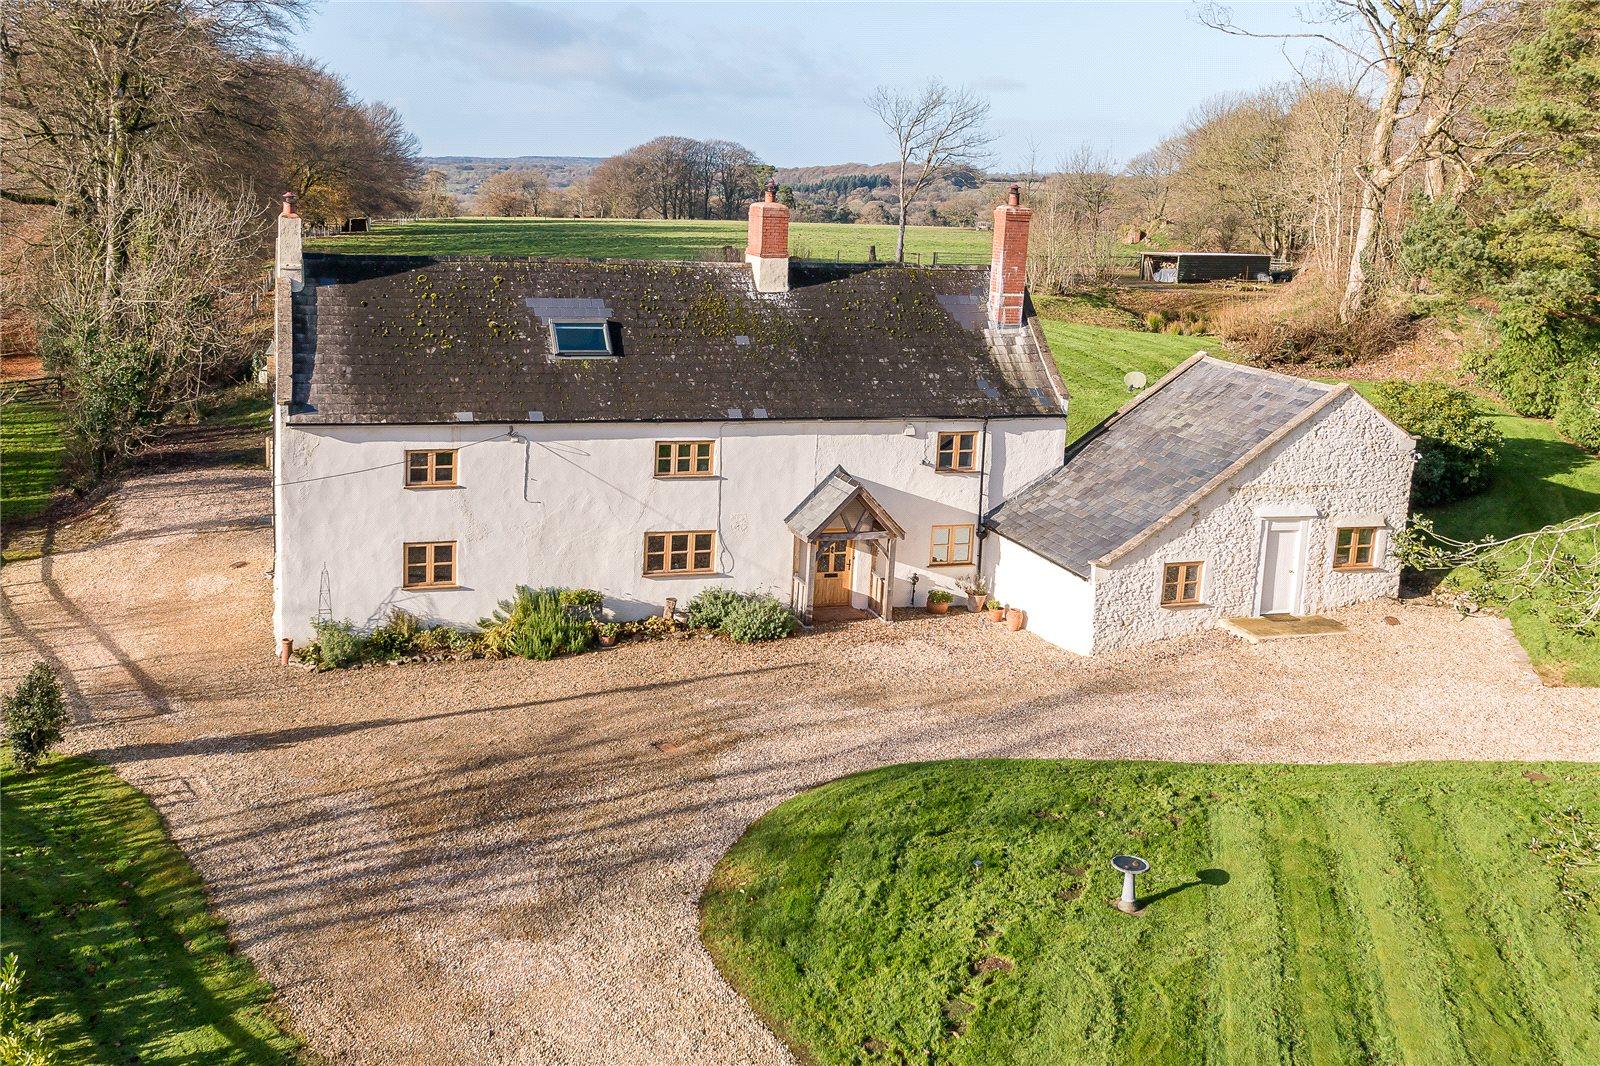 Tek Ailelik Ev için Satış at Churchstanton, Taunton, Somerset, TA3 Taunton, Ingiltere